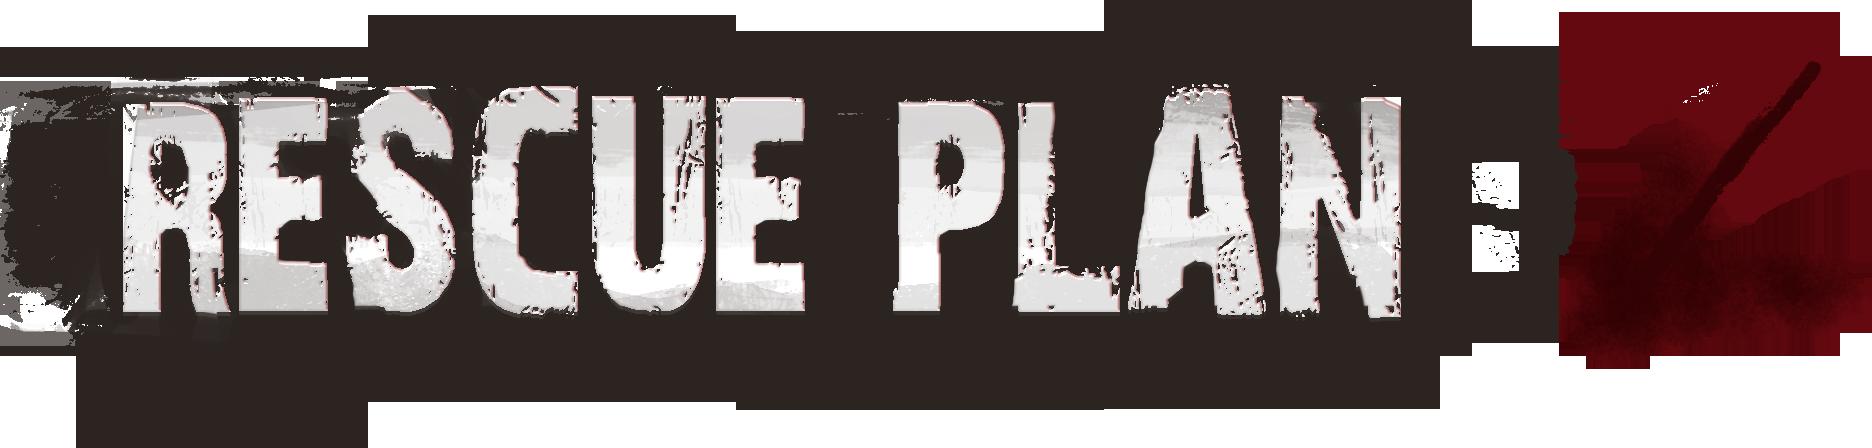 RP Z logo 2 GLGSZ